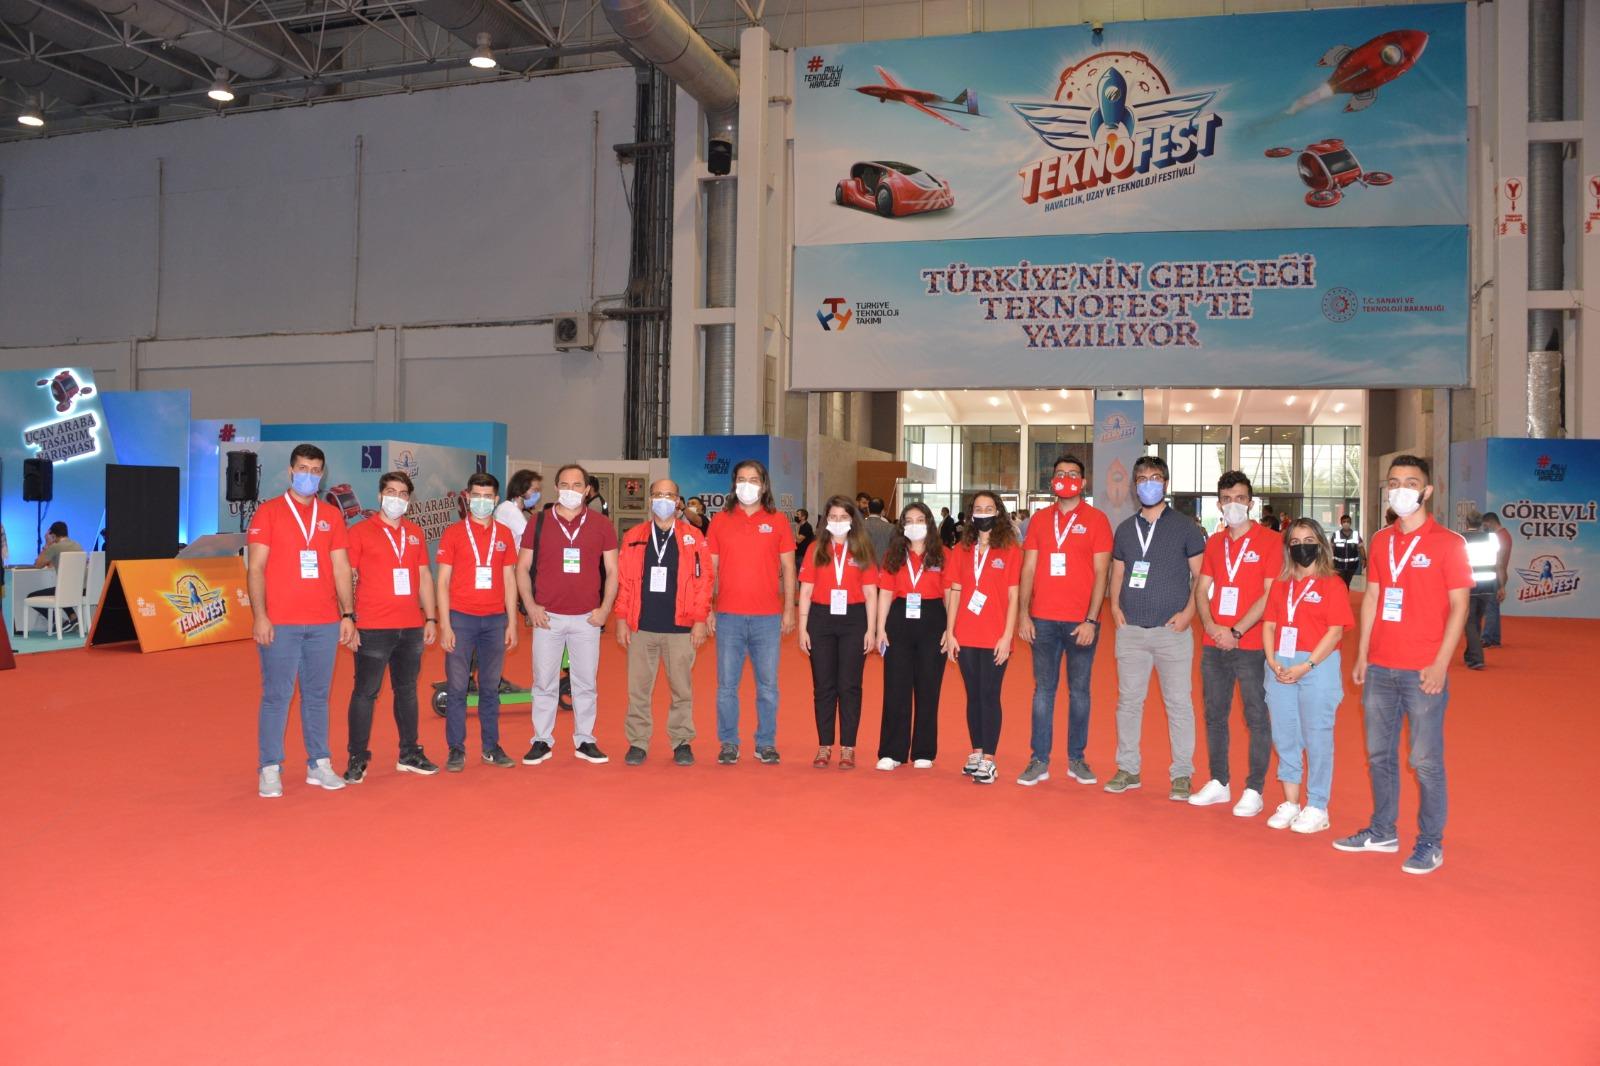 selcuk-universitesi-teknofest-2020de-19-takimla-yaristi-4-1.jpg